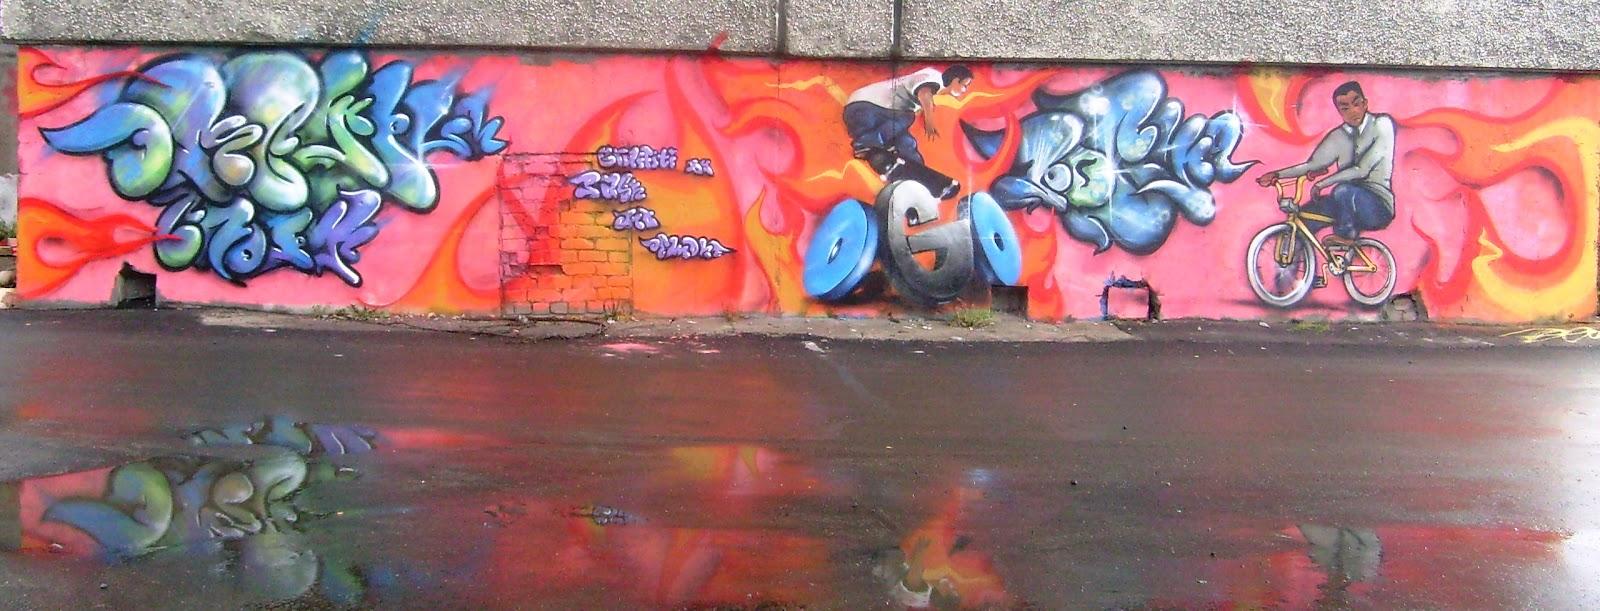 Краска для граффити в подарок